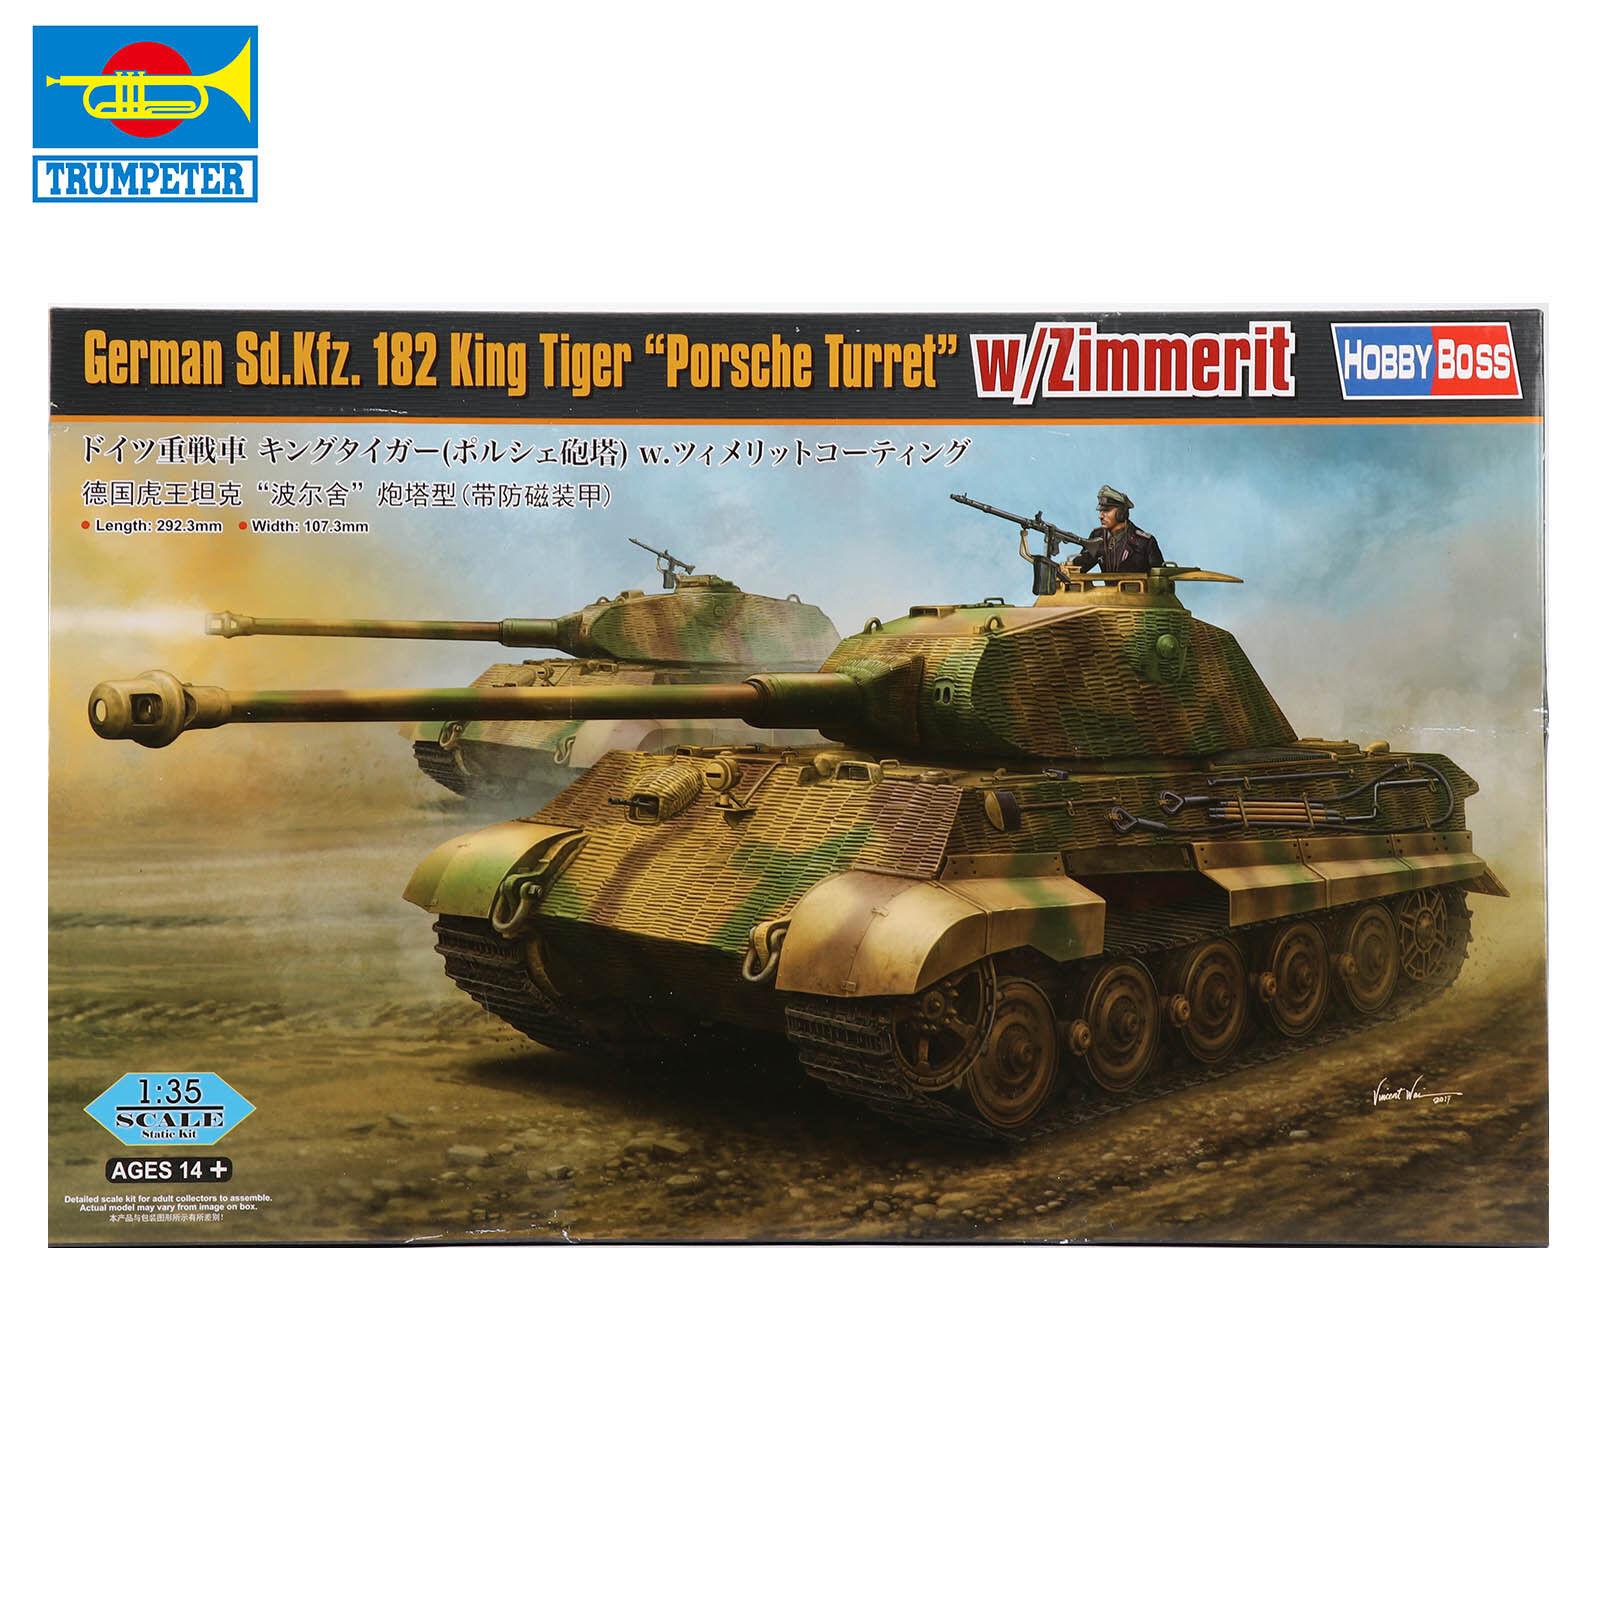 1 35  Trumpeter 84530 German King Tiger Porsche Turret w Zimmerit Tank